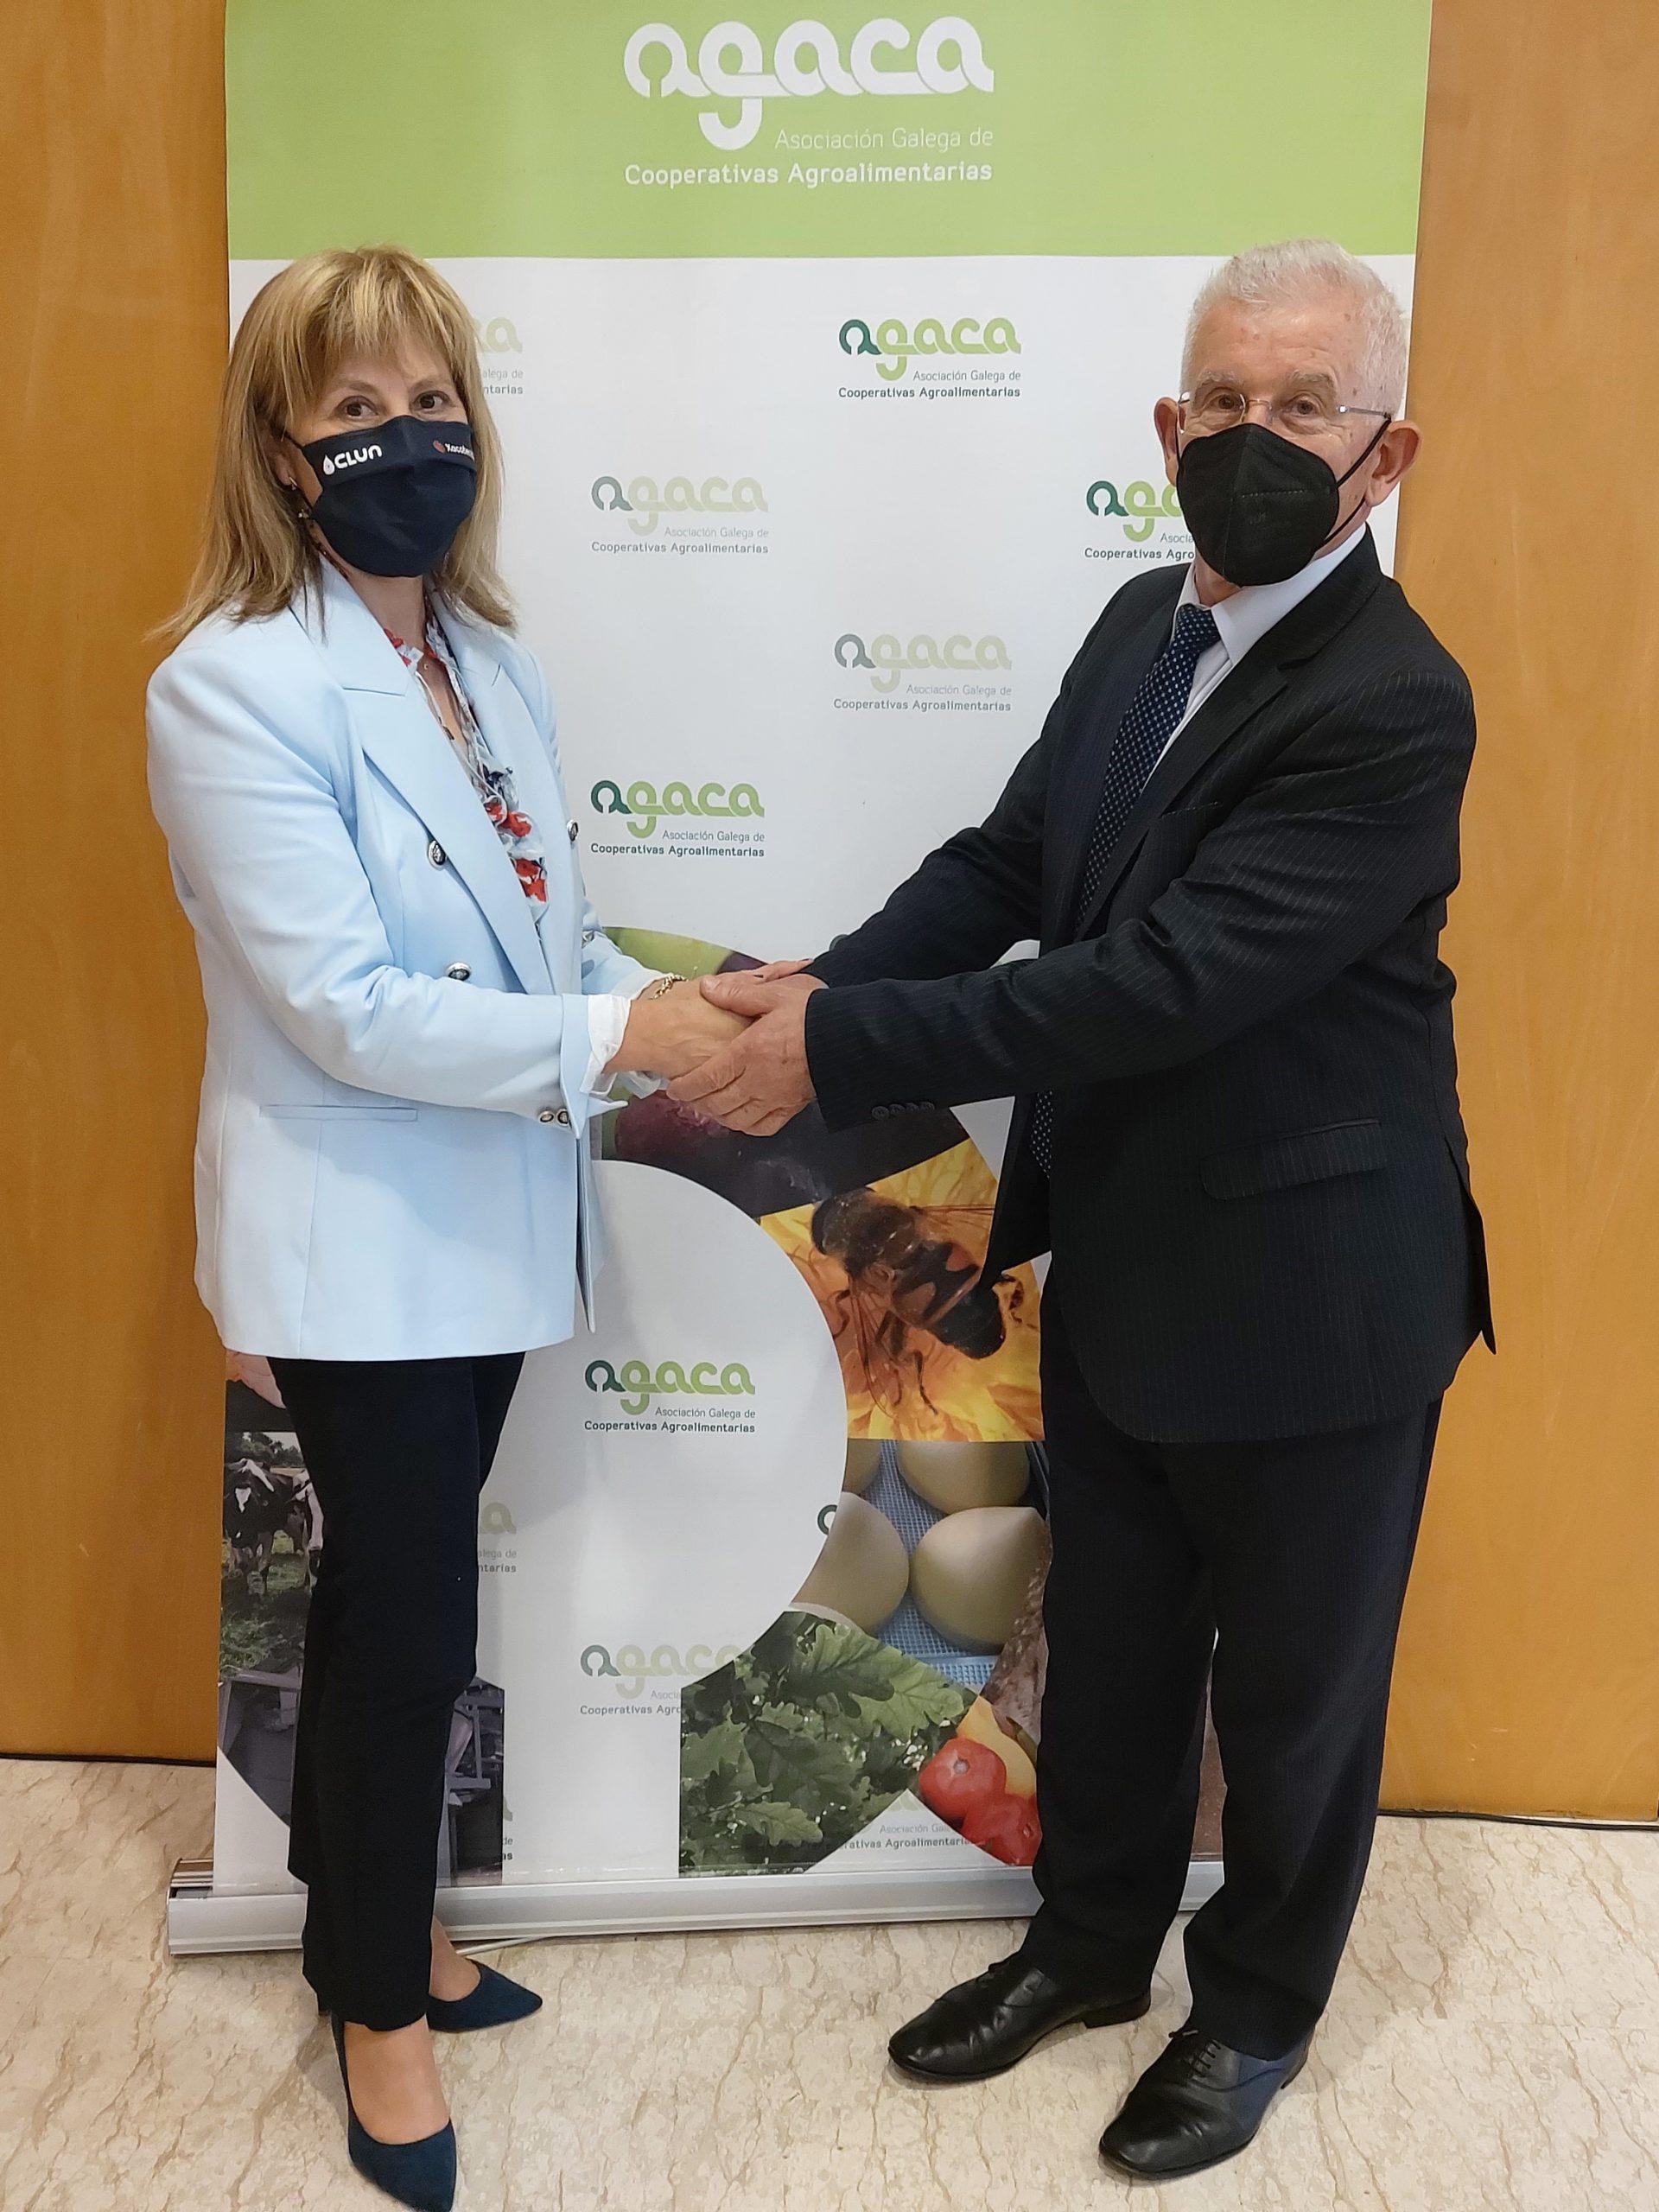 Carmen Rodríguez compaginará la presidencia de AGACA con sus responsabilidades en la cooperativa CLUN